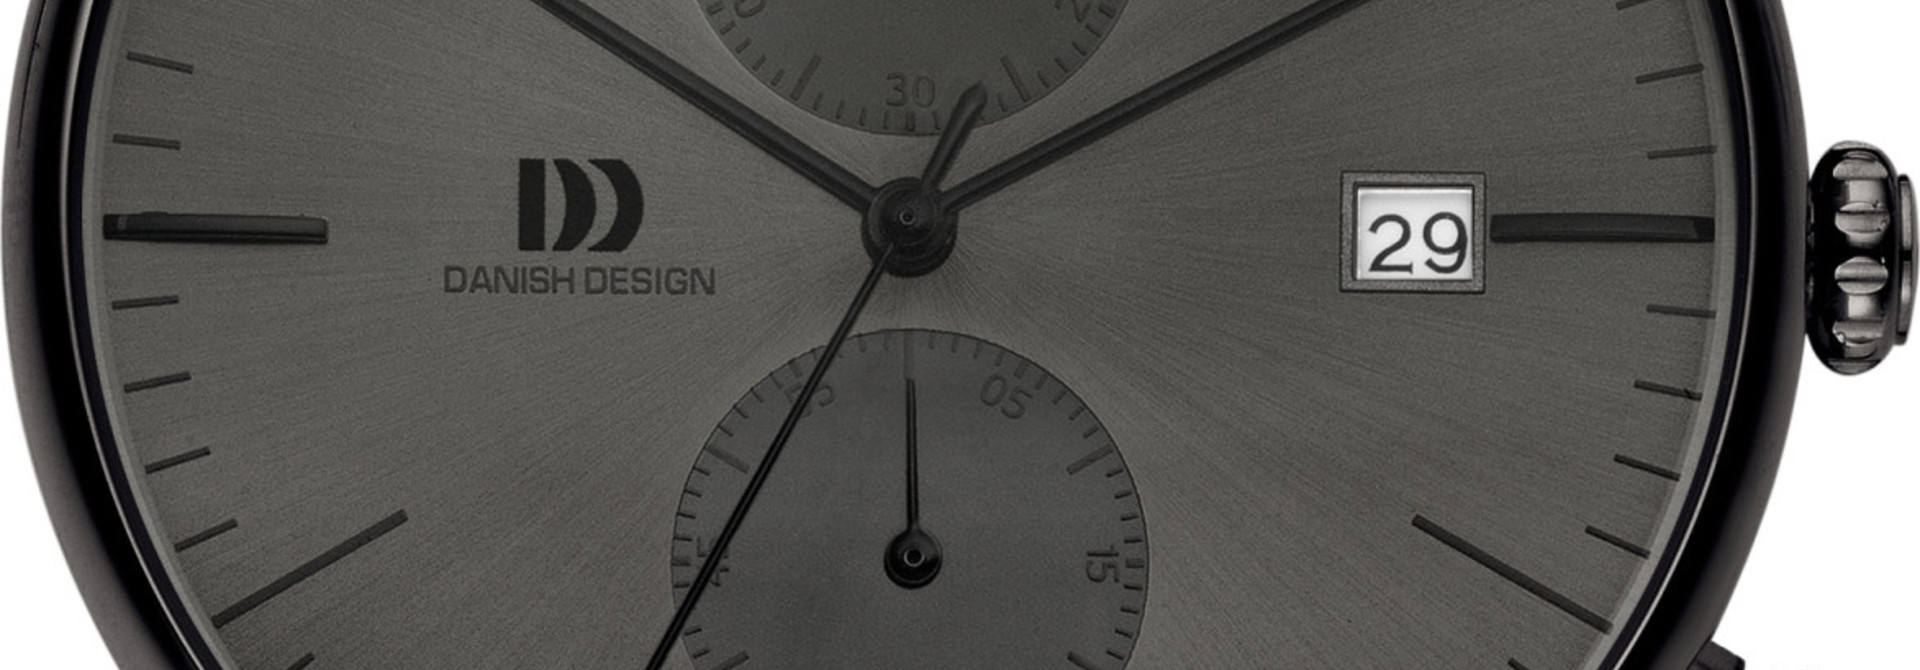 Danish Design Koltur Chrono Iq64Q975